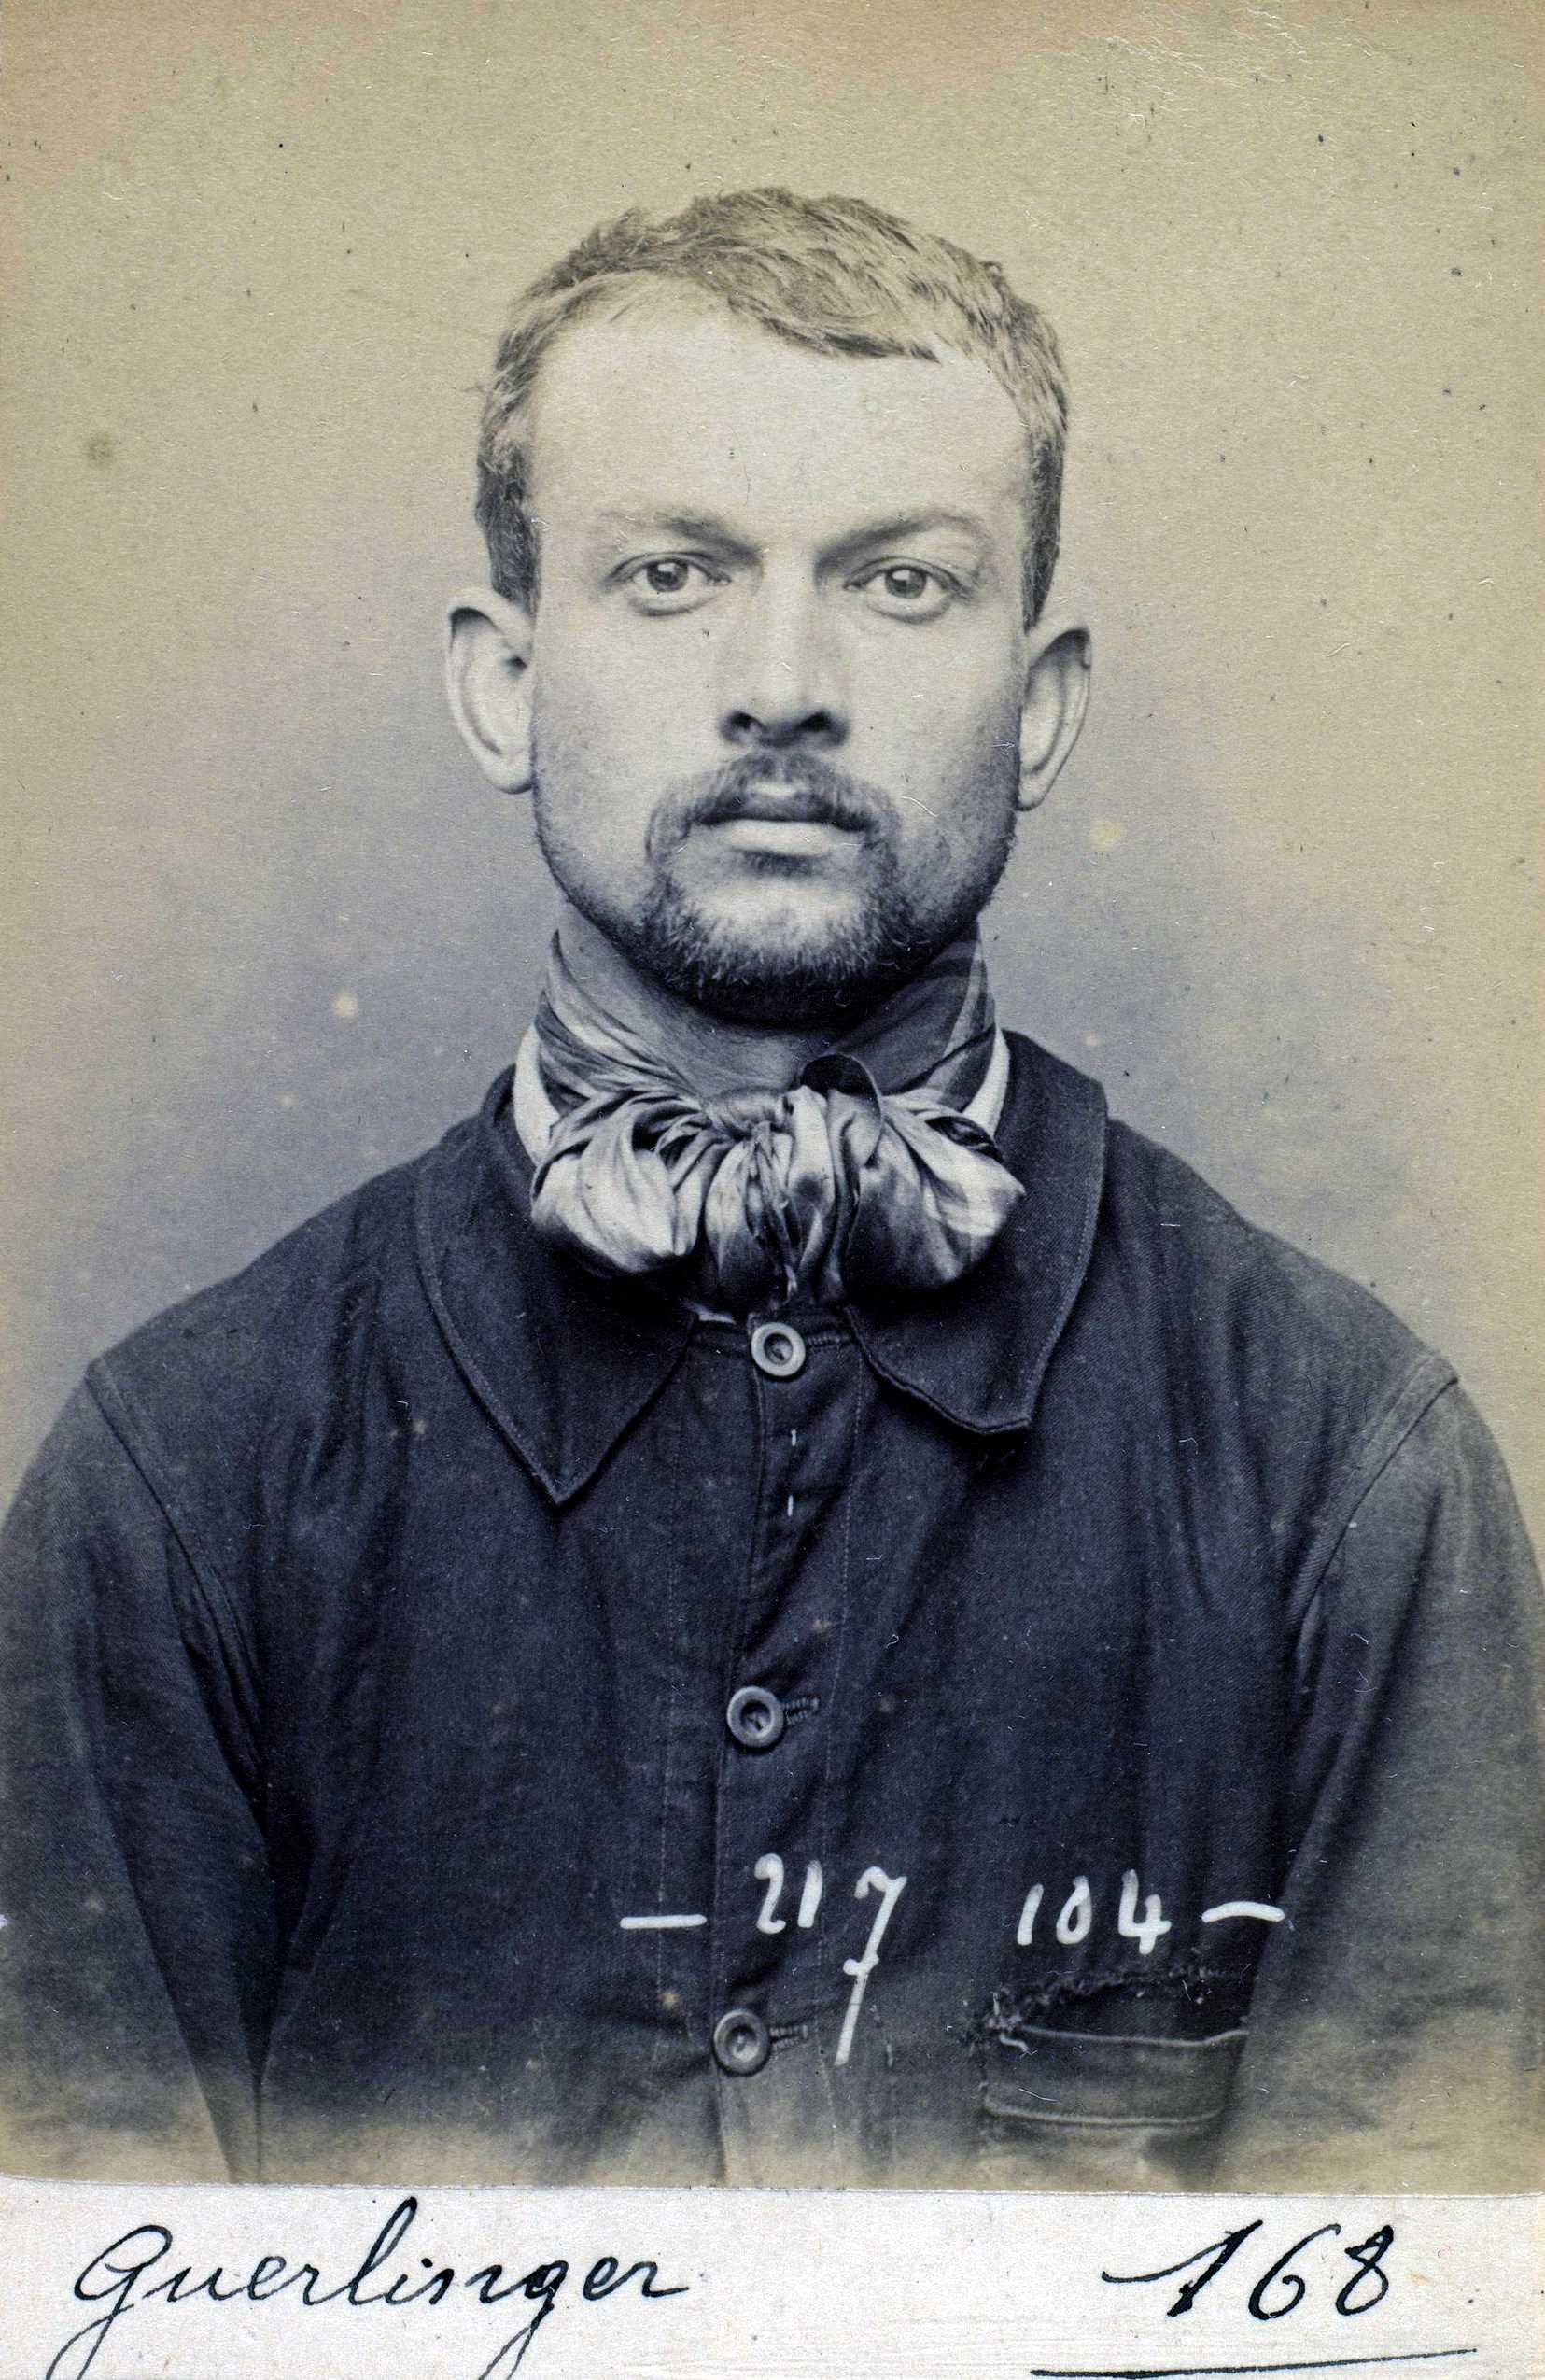 Foto policíaca de Jean-Pierre Guerlinguer (14 d'abril de 1894)